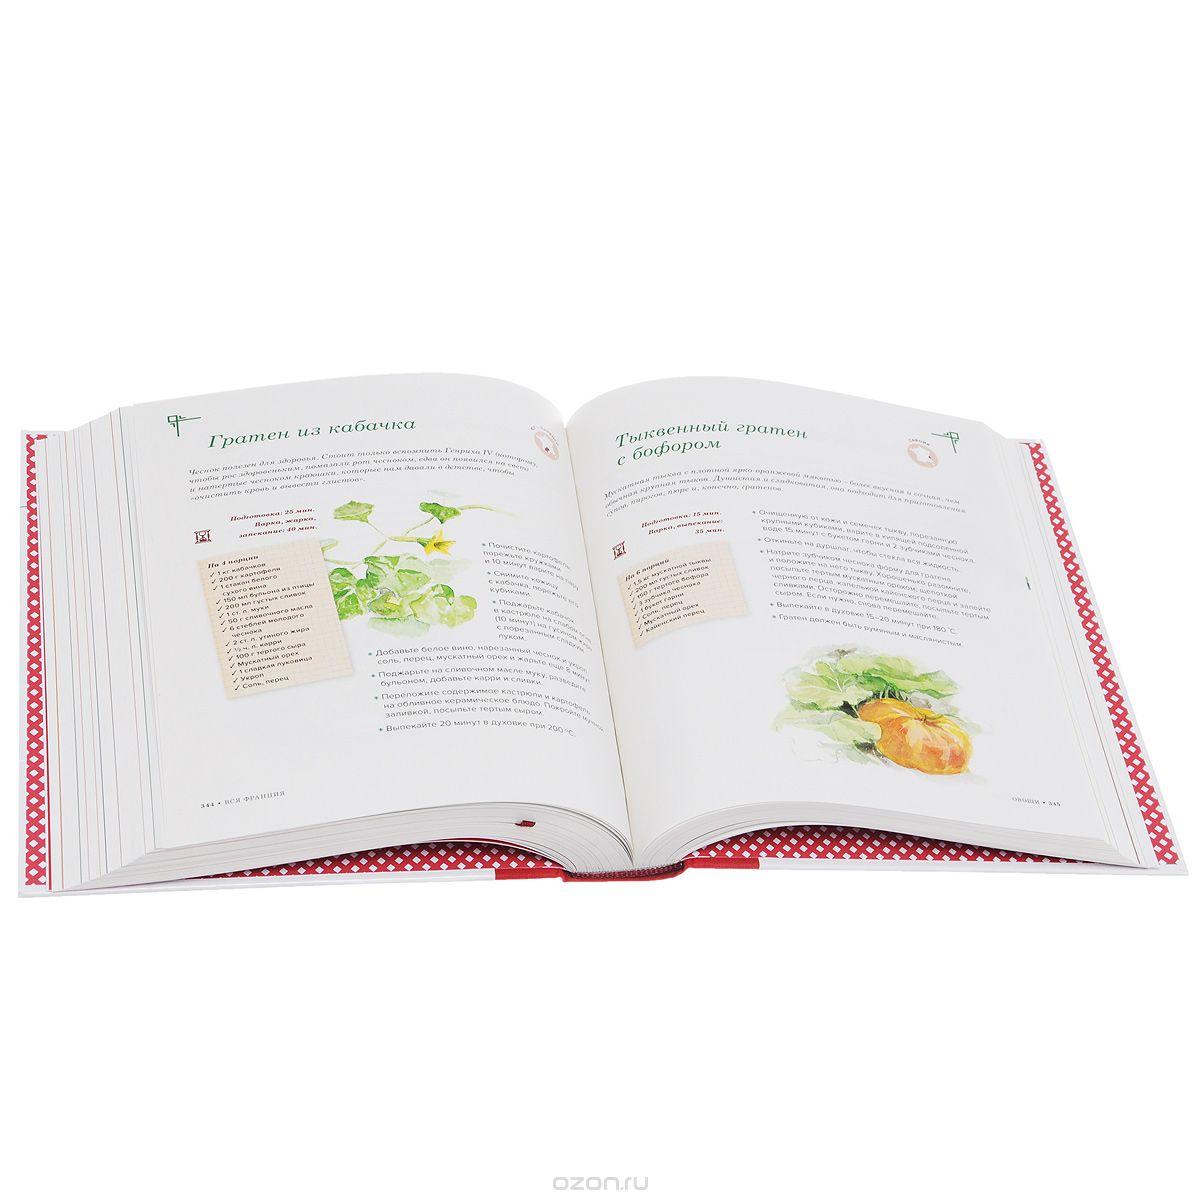 Книга «Вся Франция: 365 рецептов из всех провинций» Books Books PB5 фото 3